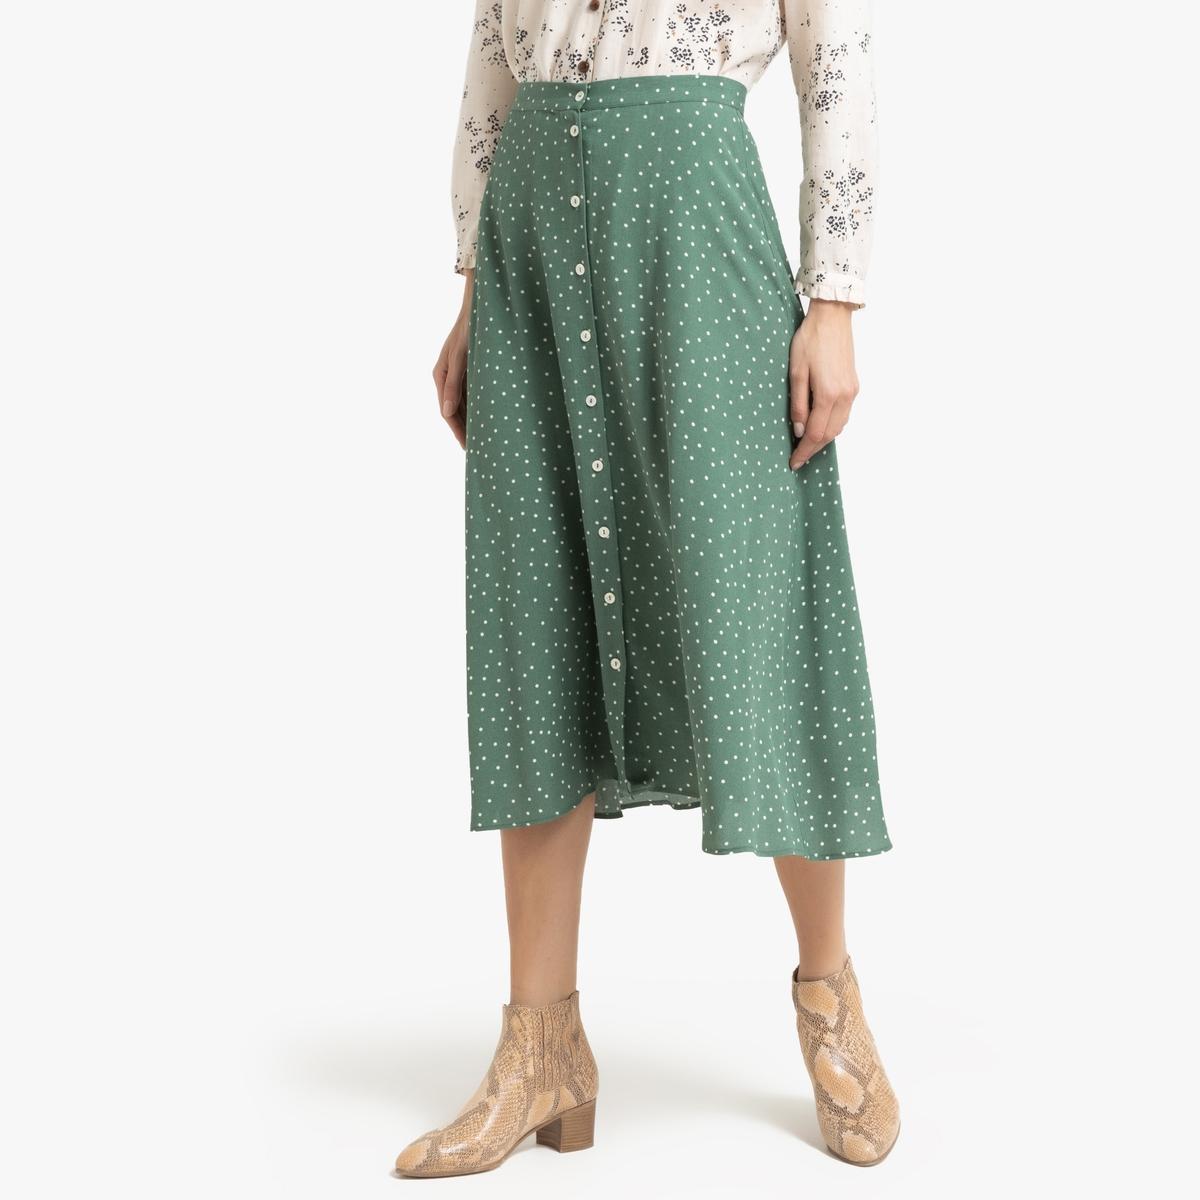 Юбка-миди La Redoute С застежкой на пуговицы и рисунком SOLIKO 2(M) зеленый пиджак с застежкой на пуговицы sartorio